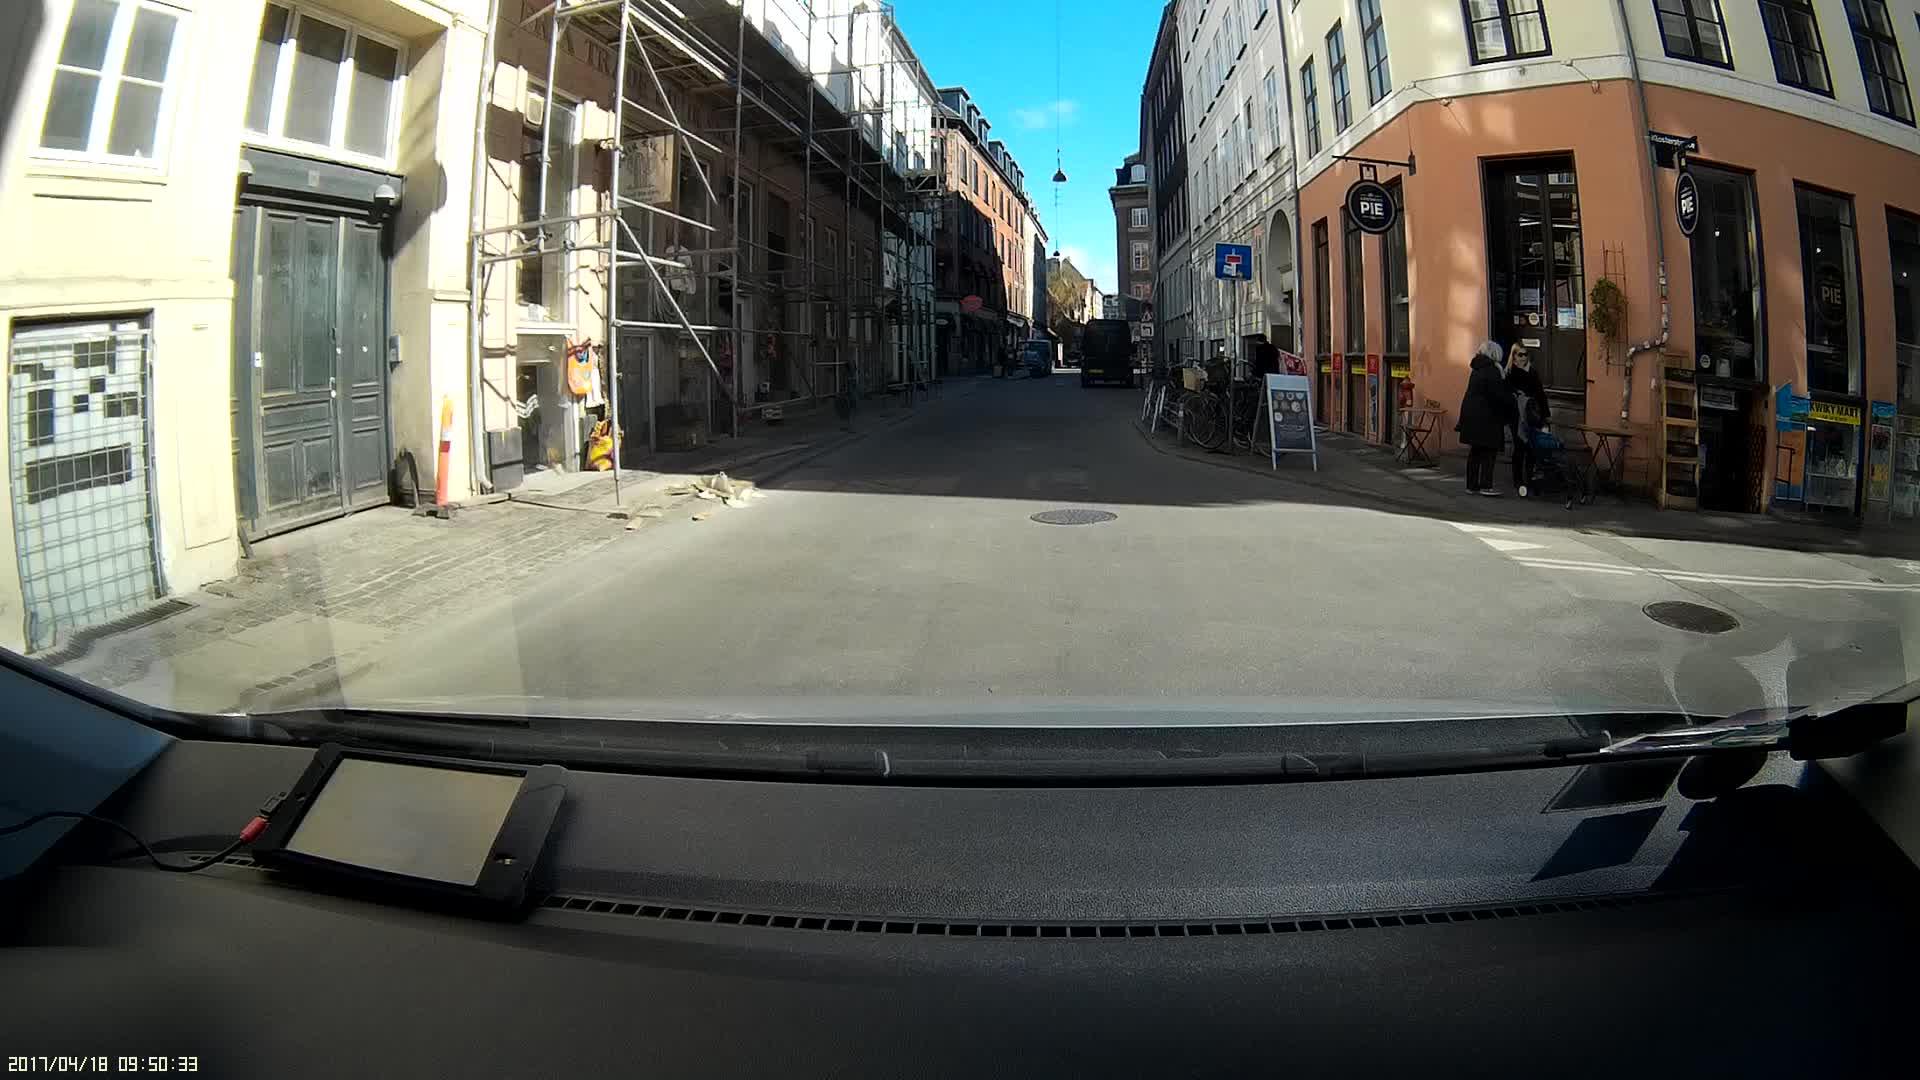 Roadcam, *Facepalm* GIFs